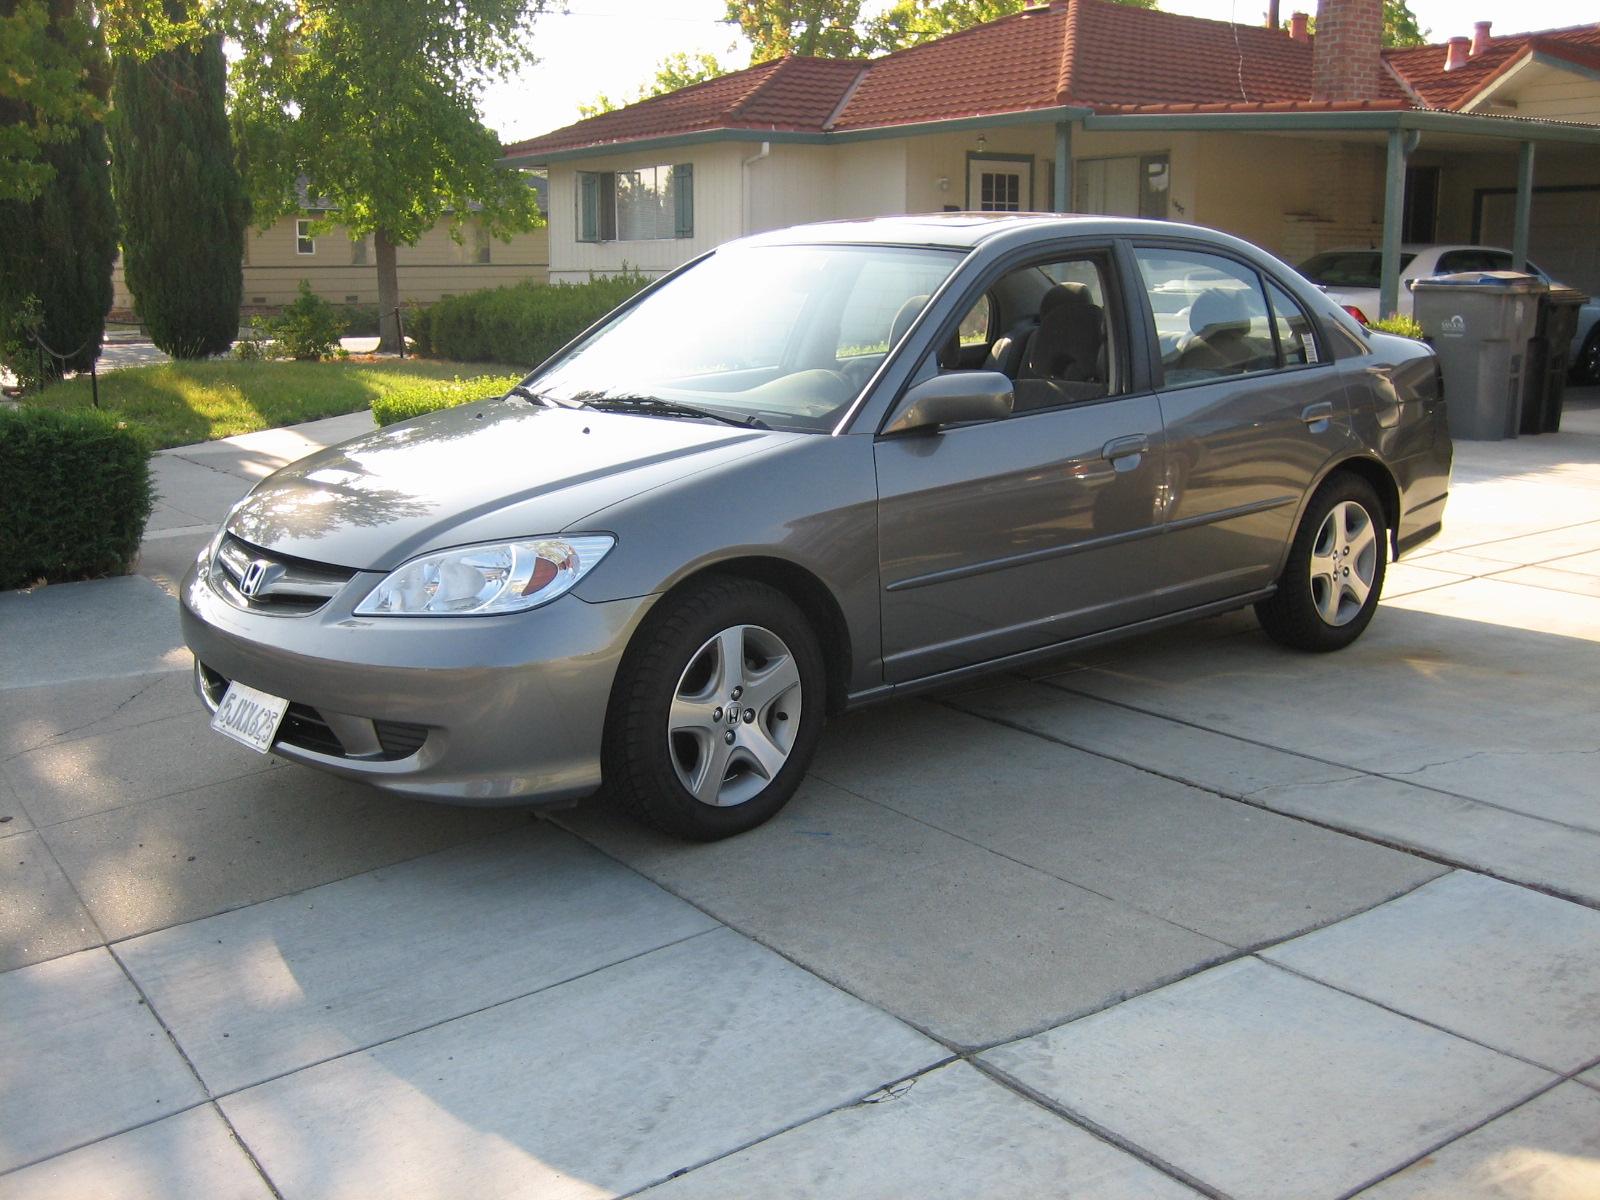 2004 Honda Civic Pictures Cargurus